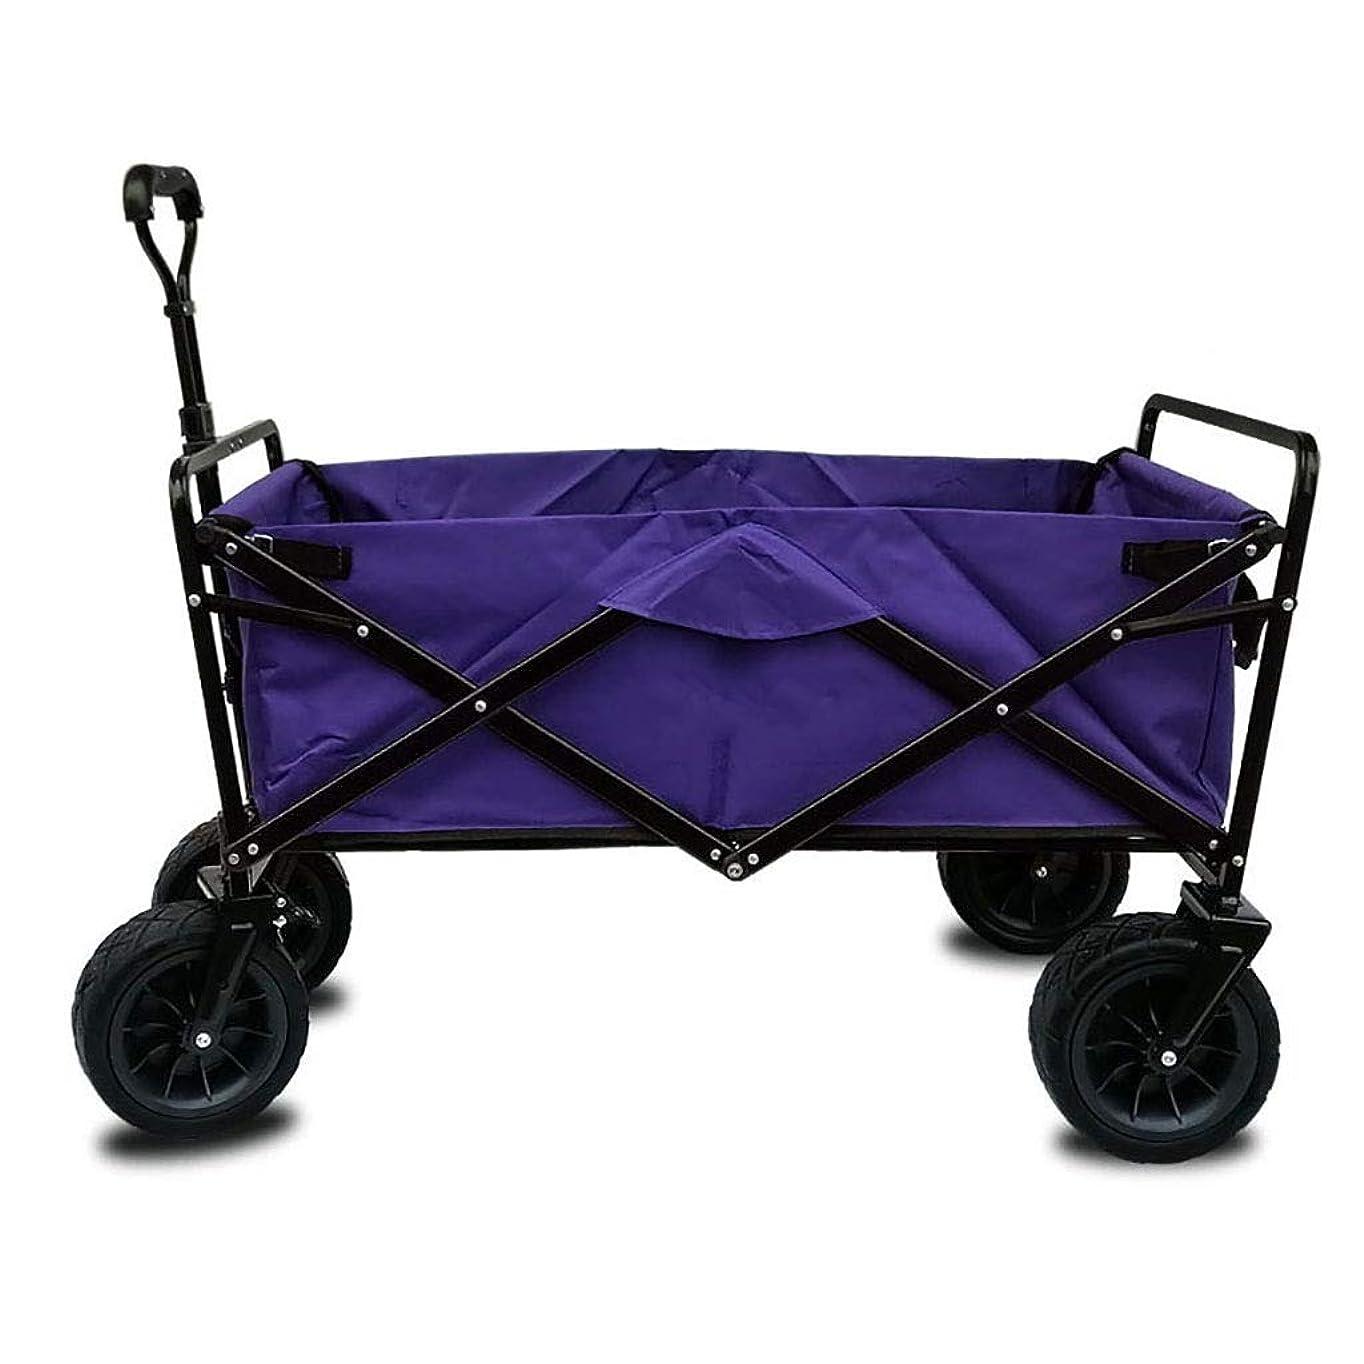 ユニークな単にラケット折りたたみビーチワゴン 収穫台車?キャリー 折りたたみ式ガーデントロリーカート 多機能ショッピングカート ヘビーデューティーワゴン ために アウトドア キャンプ 写真撮影 プルトラック、 積載量:100kg (Color : Purple)